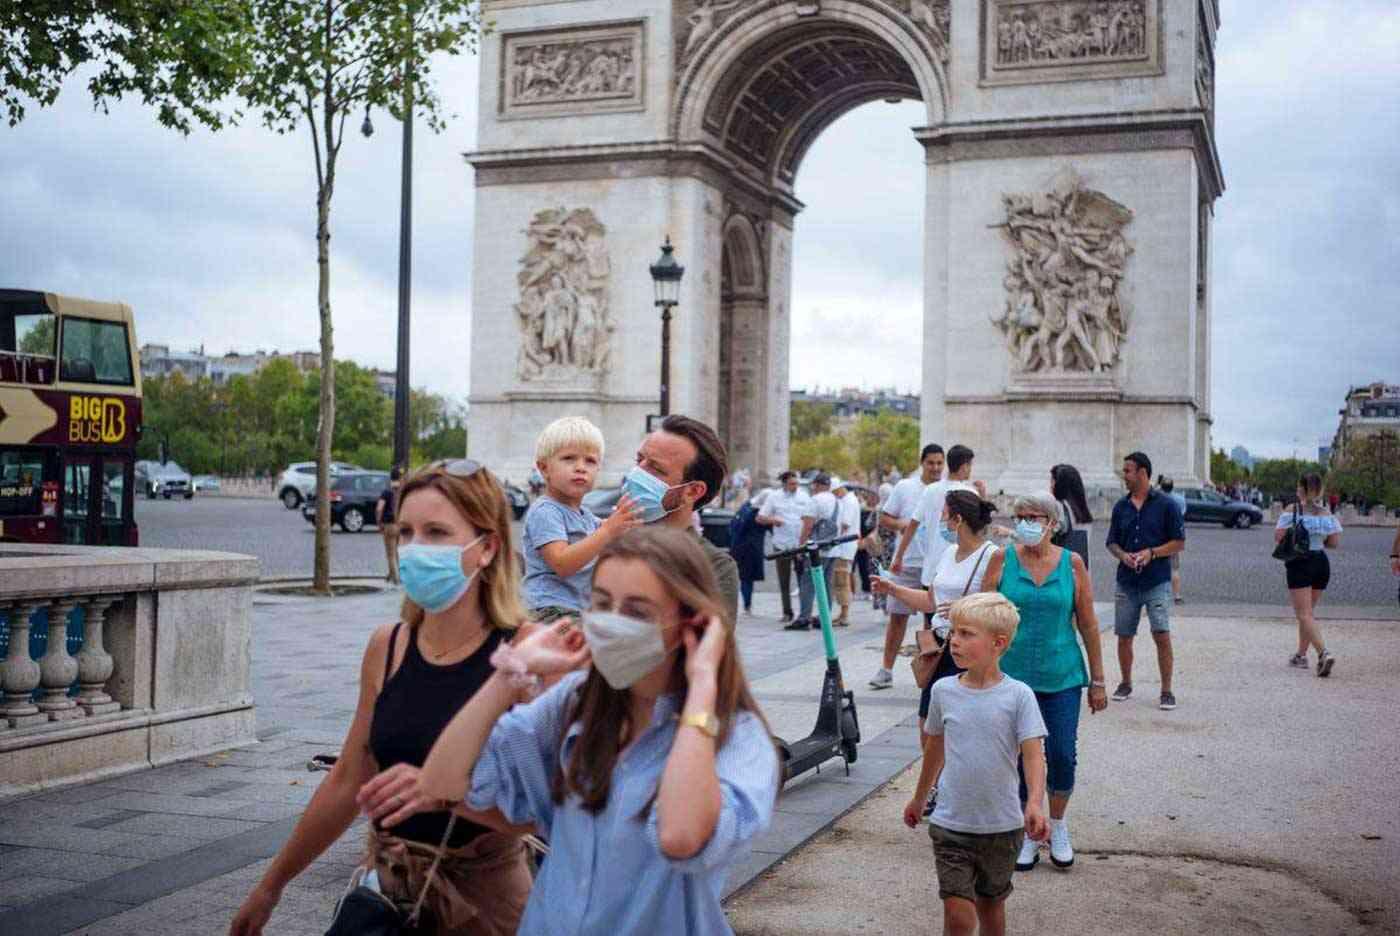 إصابات كورونا في العالم تصل إلى 30.5 مليون